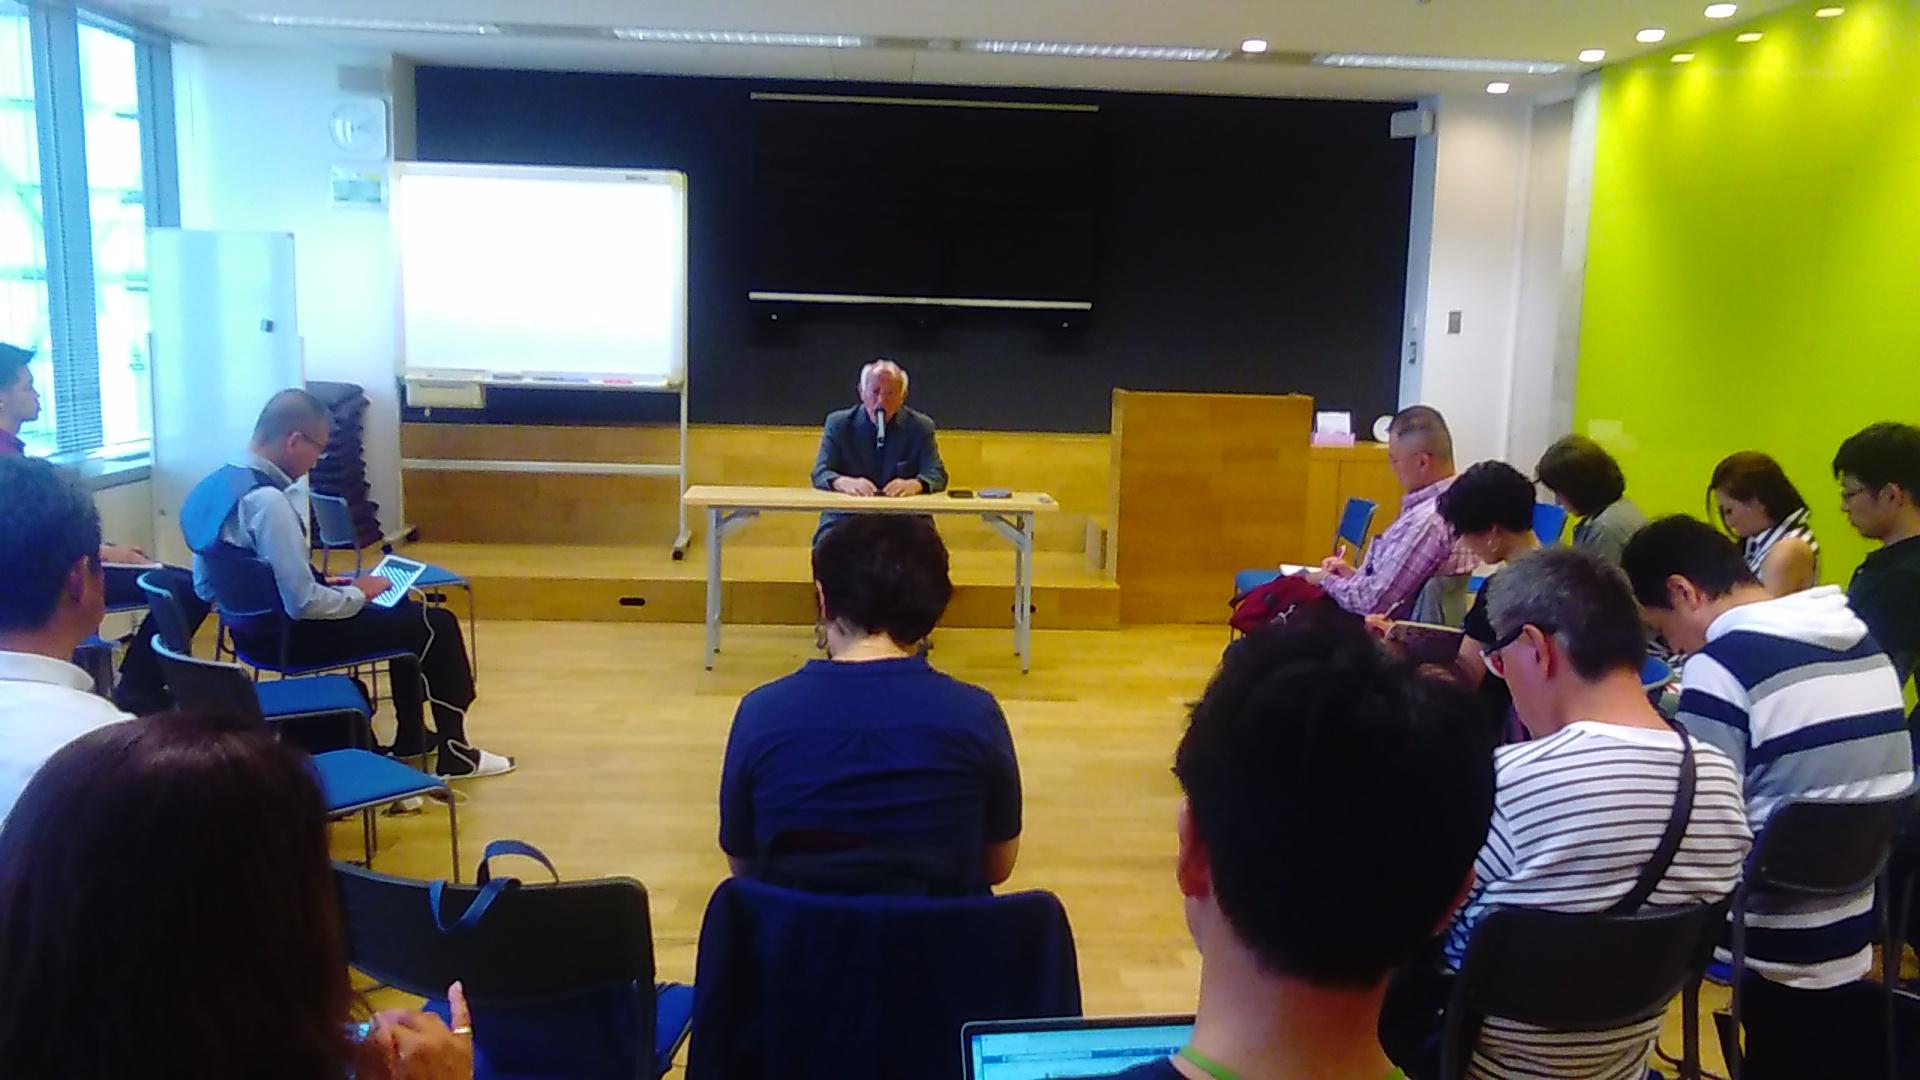 KIMG1362 - 第3回東京思風塾「本物の人間になるための問い」をテーマに開催しました。